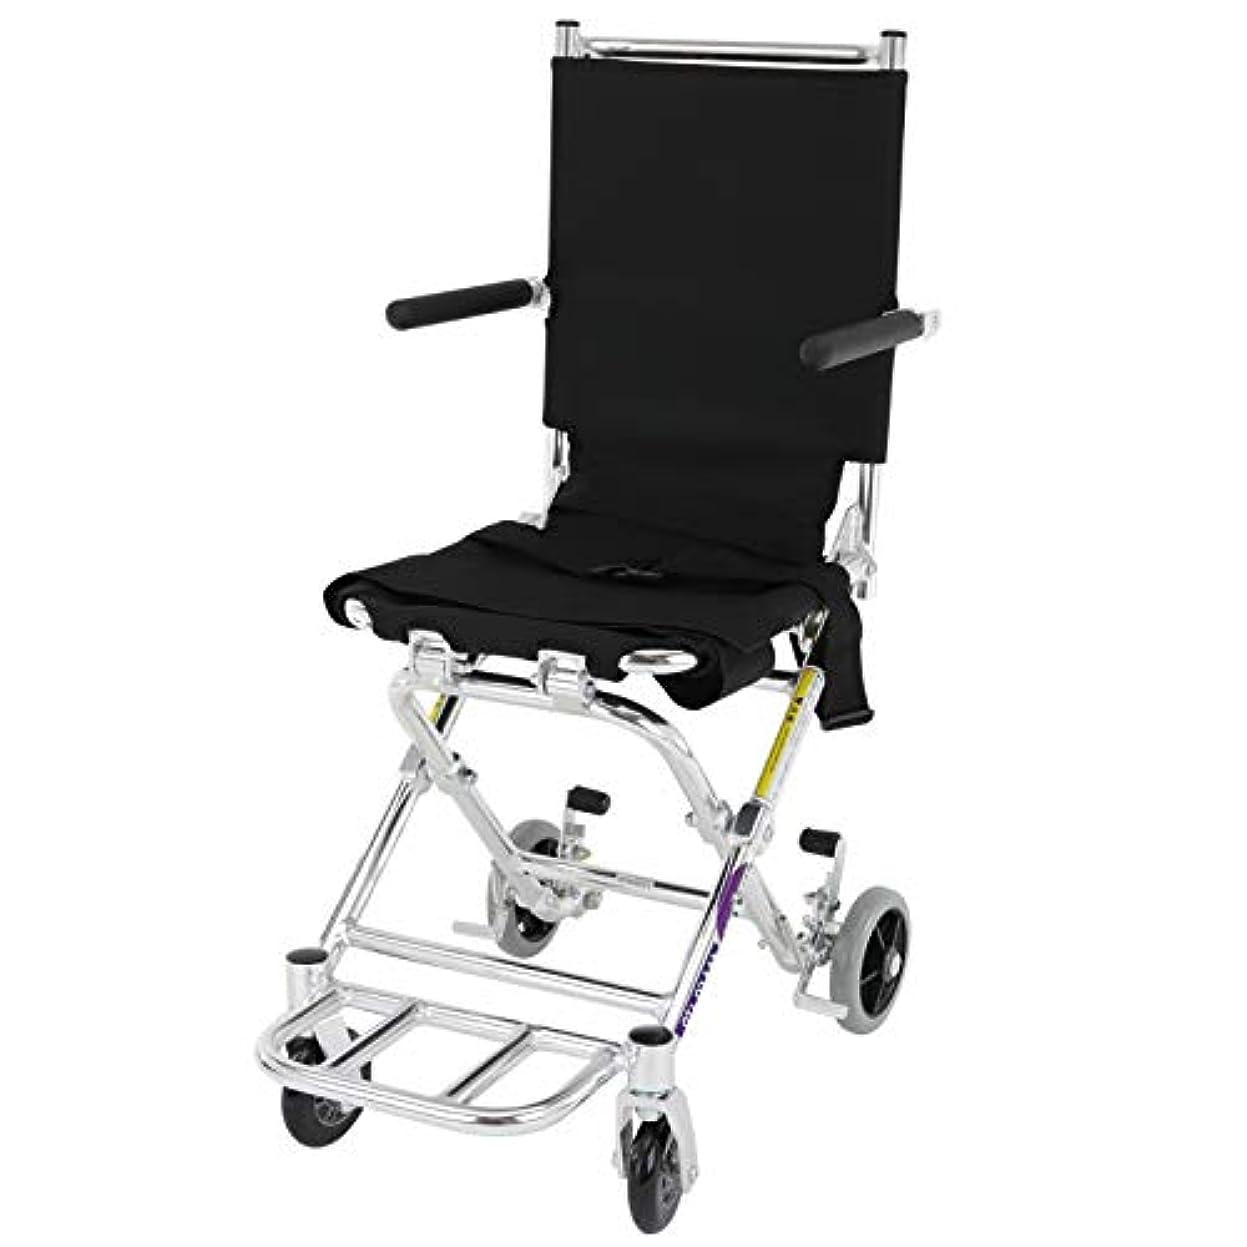 ヒップあごひげ地平線新発売!次世代型簡易車椅子【ポケッタ】【簡易型】【旅行用】【車椅子】【アルミ】【超軽量】【超コンパクト】【介助用】【ノーパンク】【駐車ブレーキ】美しいクローム仕上げ B503-AP